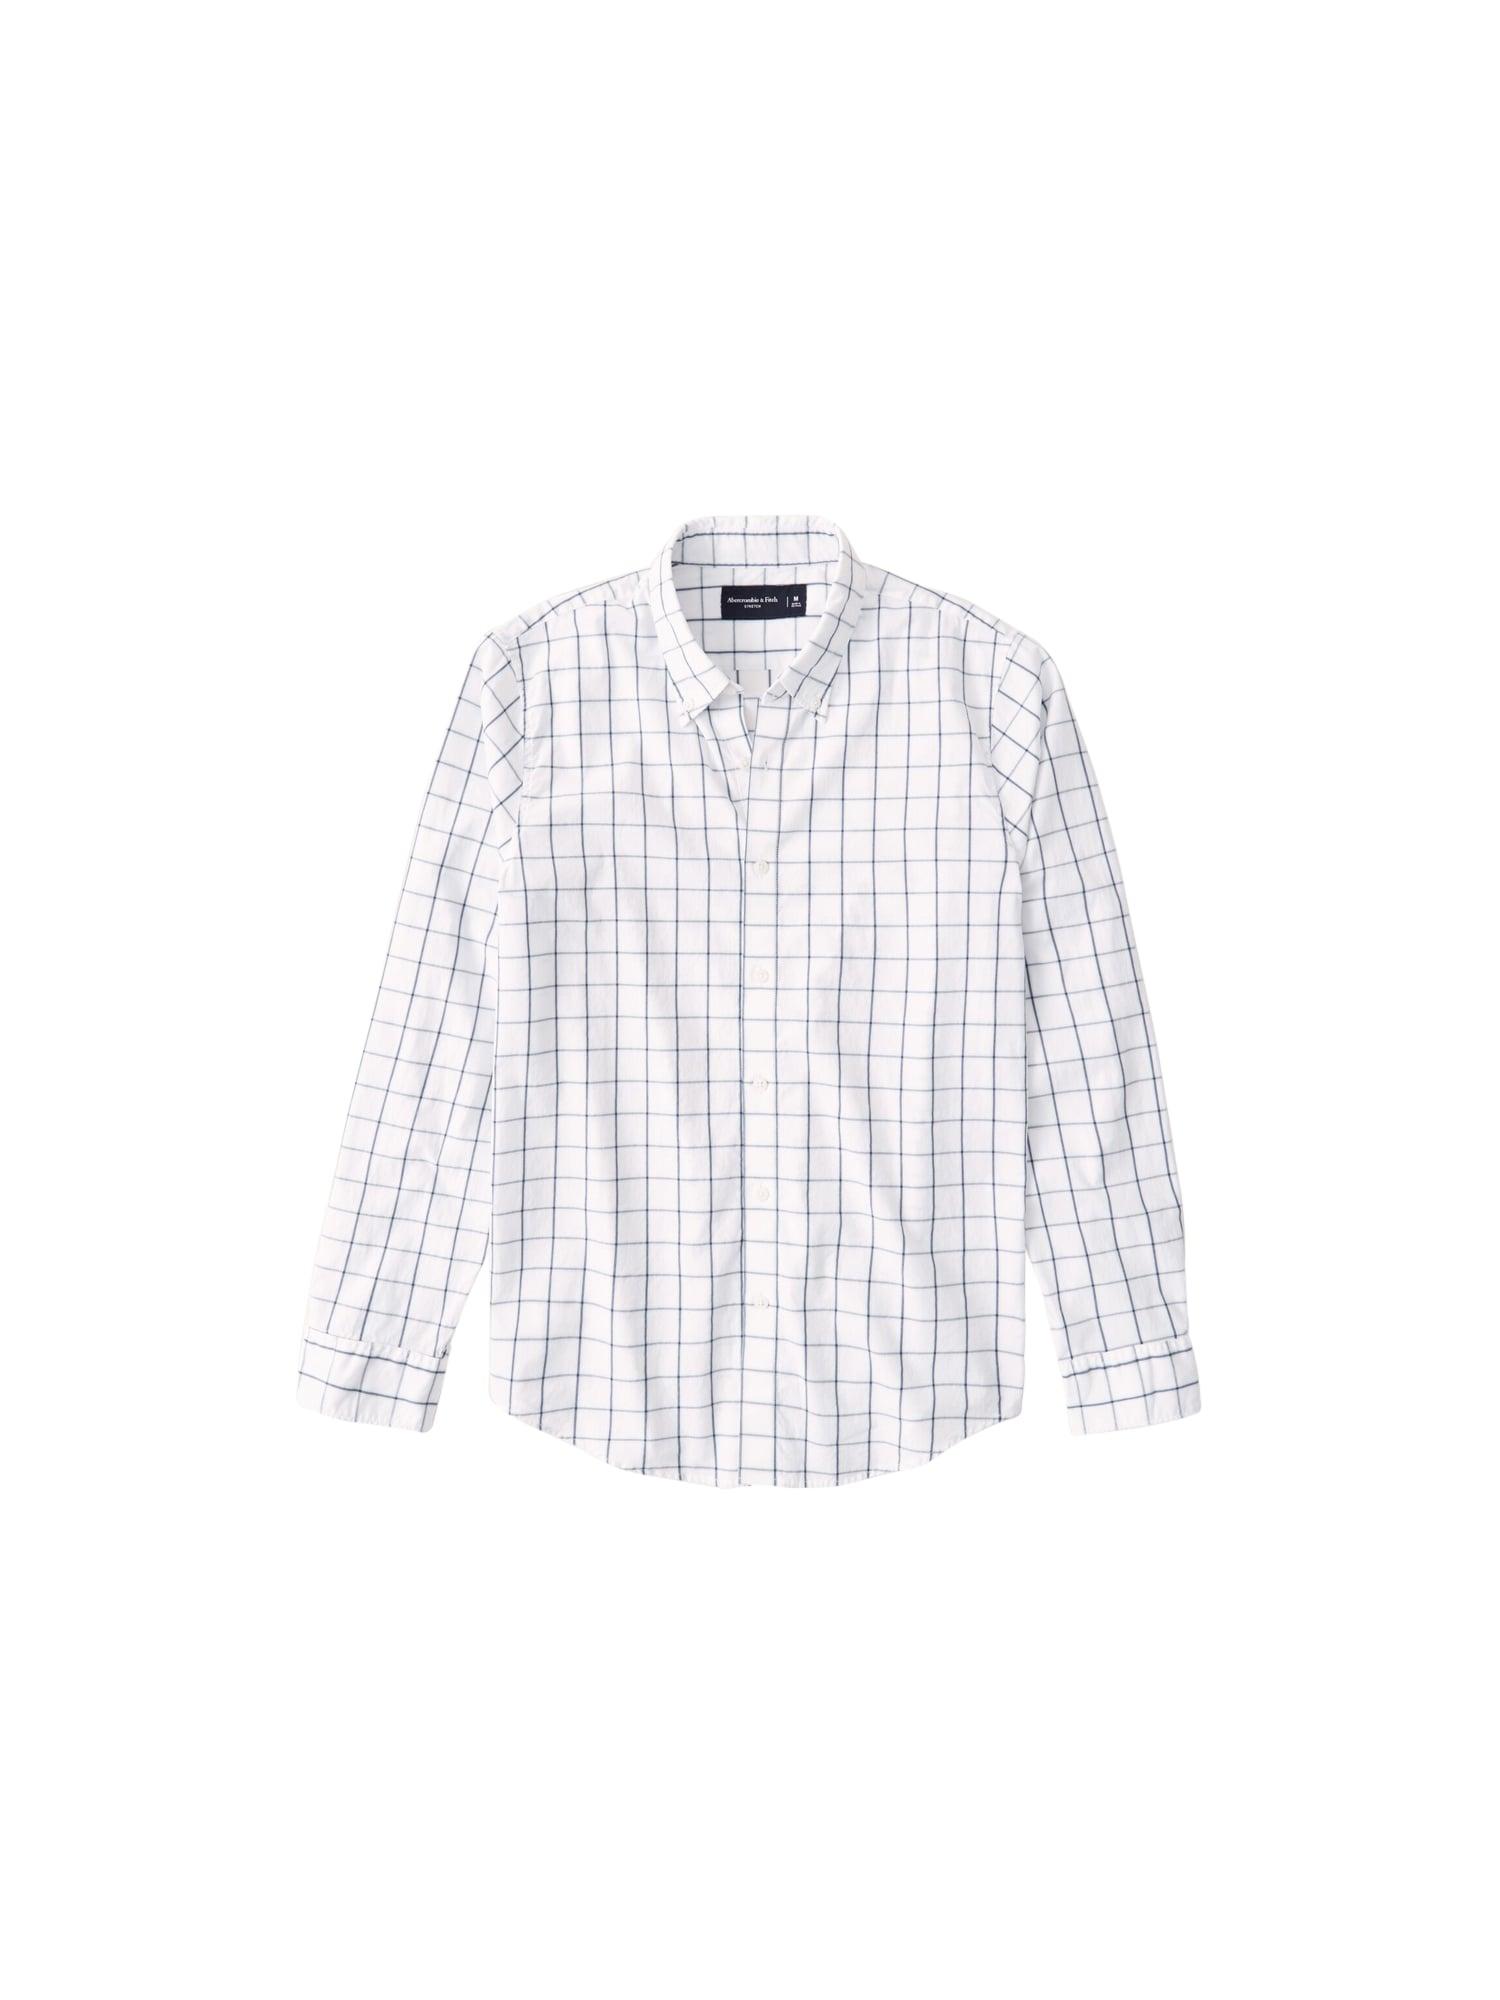 Abercrombie & Fitch Marškiniai